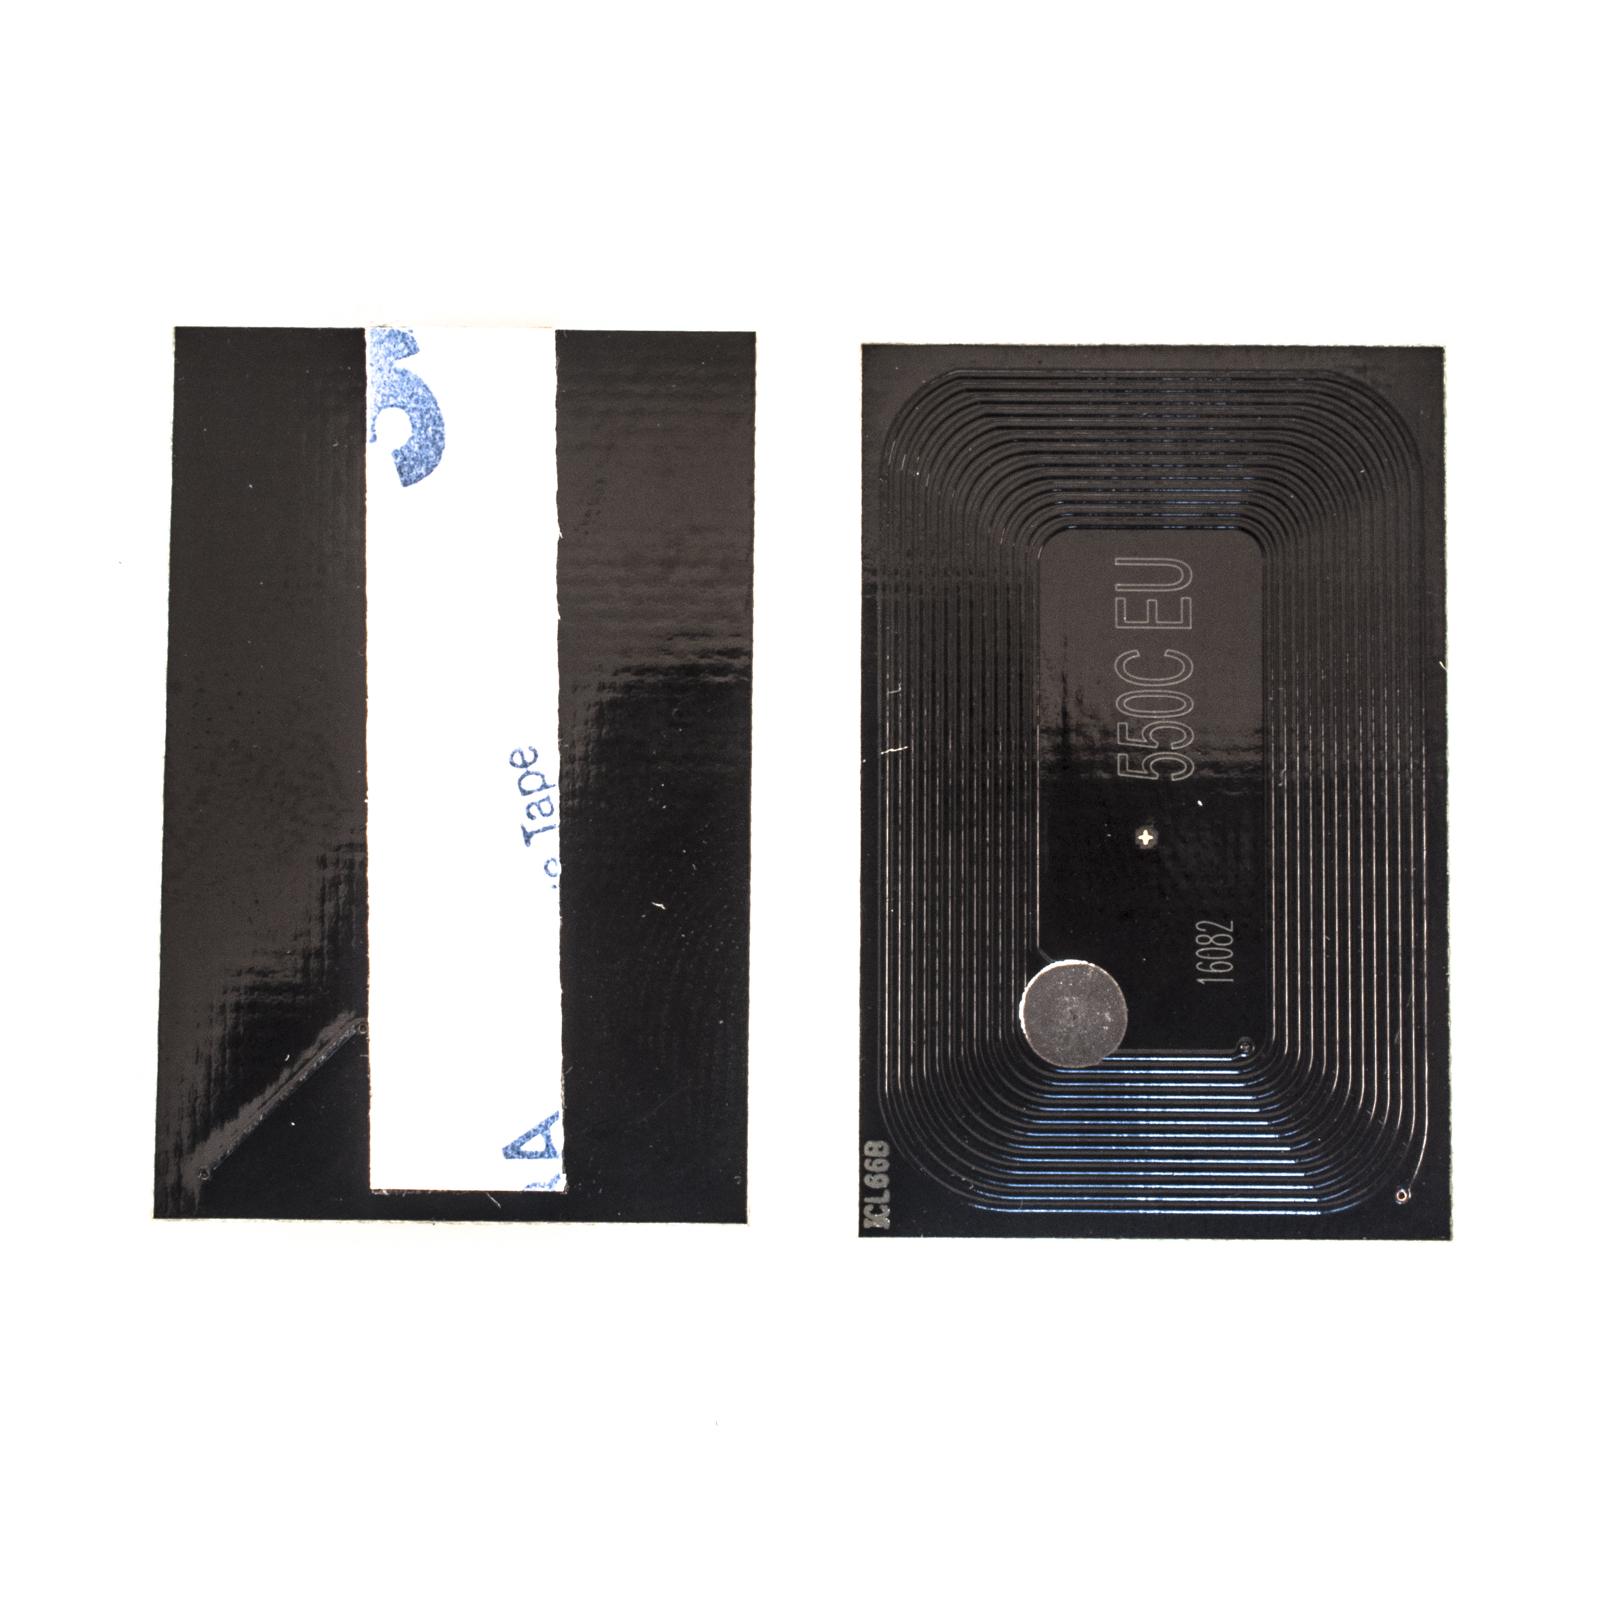 Чип для картриджа KYOCERA TK-550, CYAN 6K Everprint (ALK-TK550-C-6K)